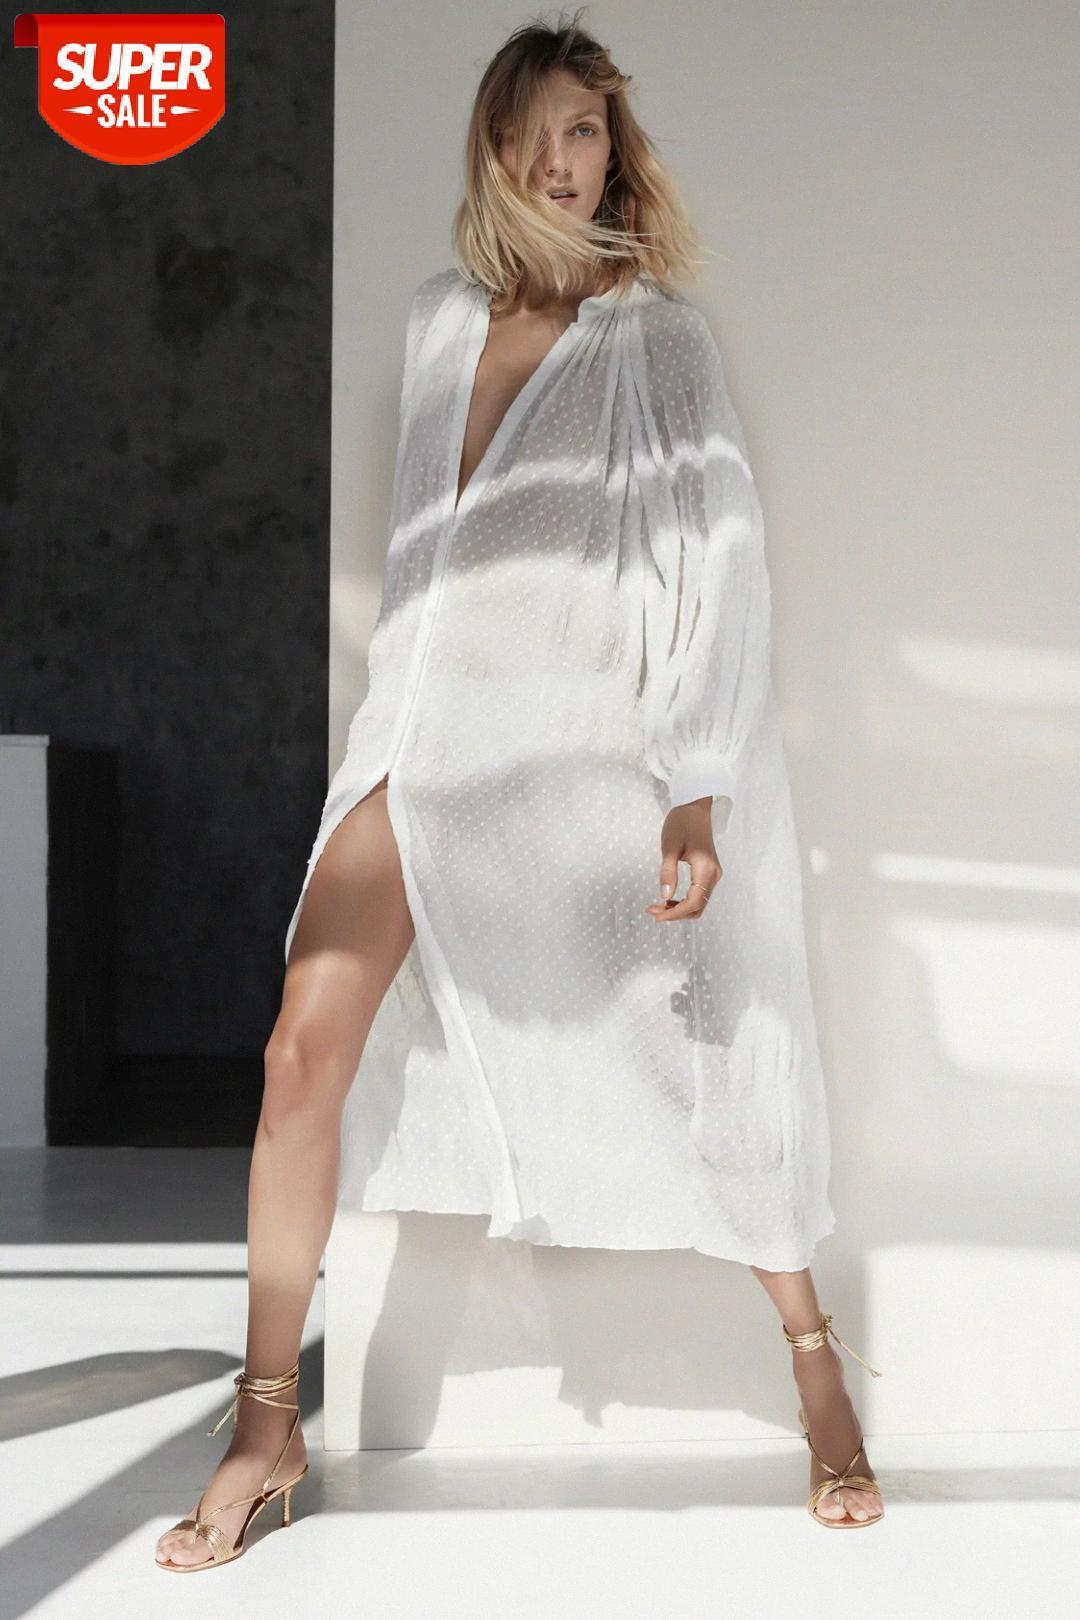 [auf Lager] 20 Mode Seerucker Stehkragen Langarm Damen Kleid Bikini Europäische und amerikanische Frauen # Ph2o